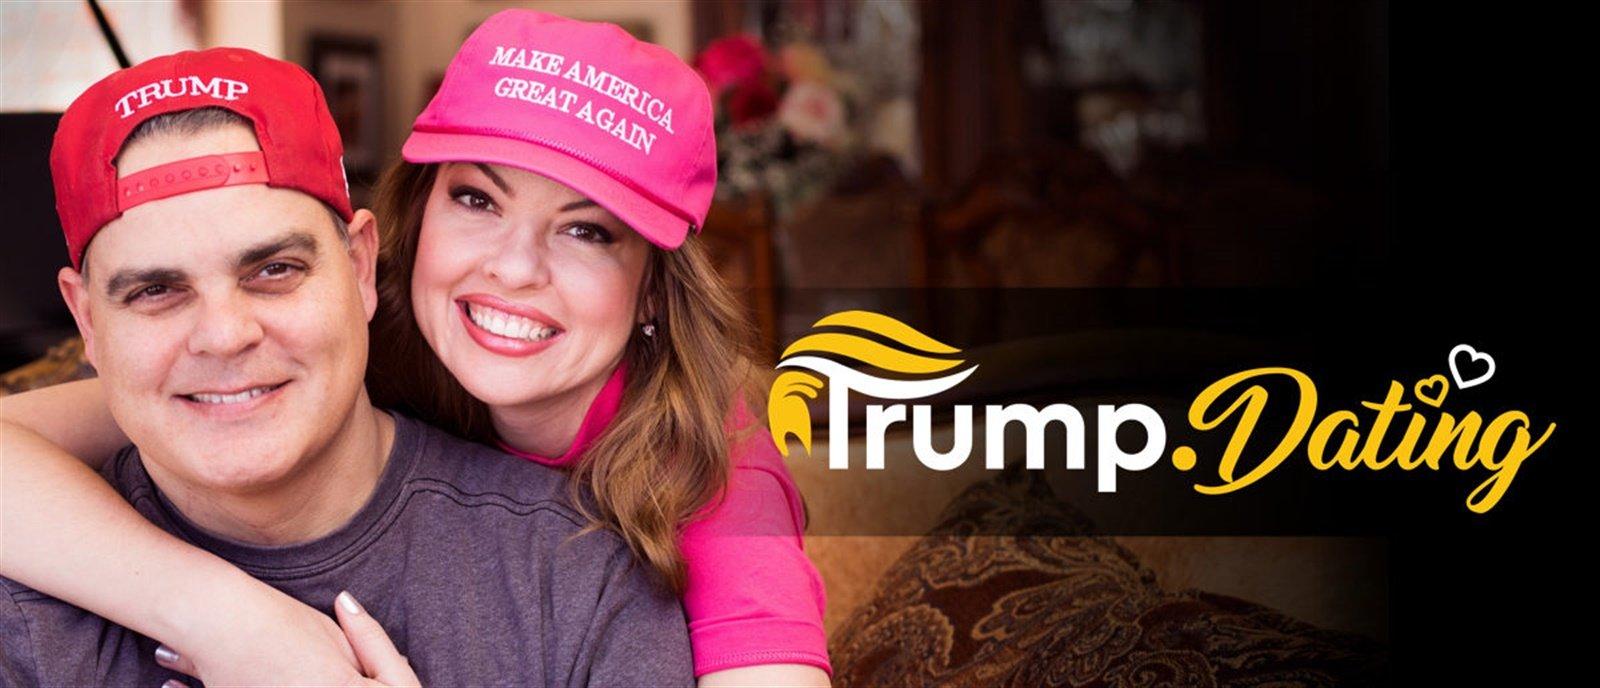 2634669h688 - Salió un polémico Tinder exclusivo para seguidores de Donald Trump